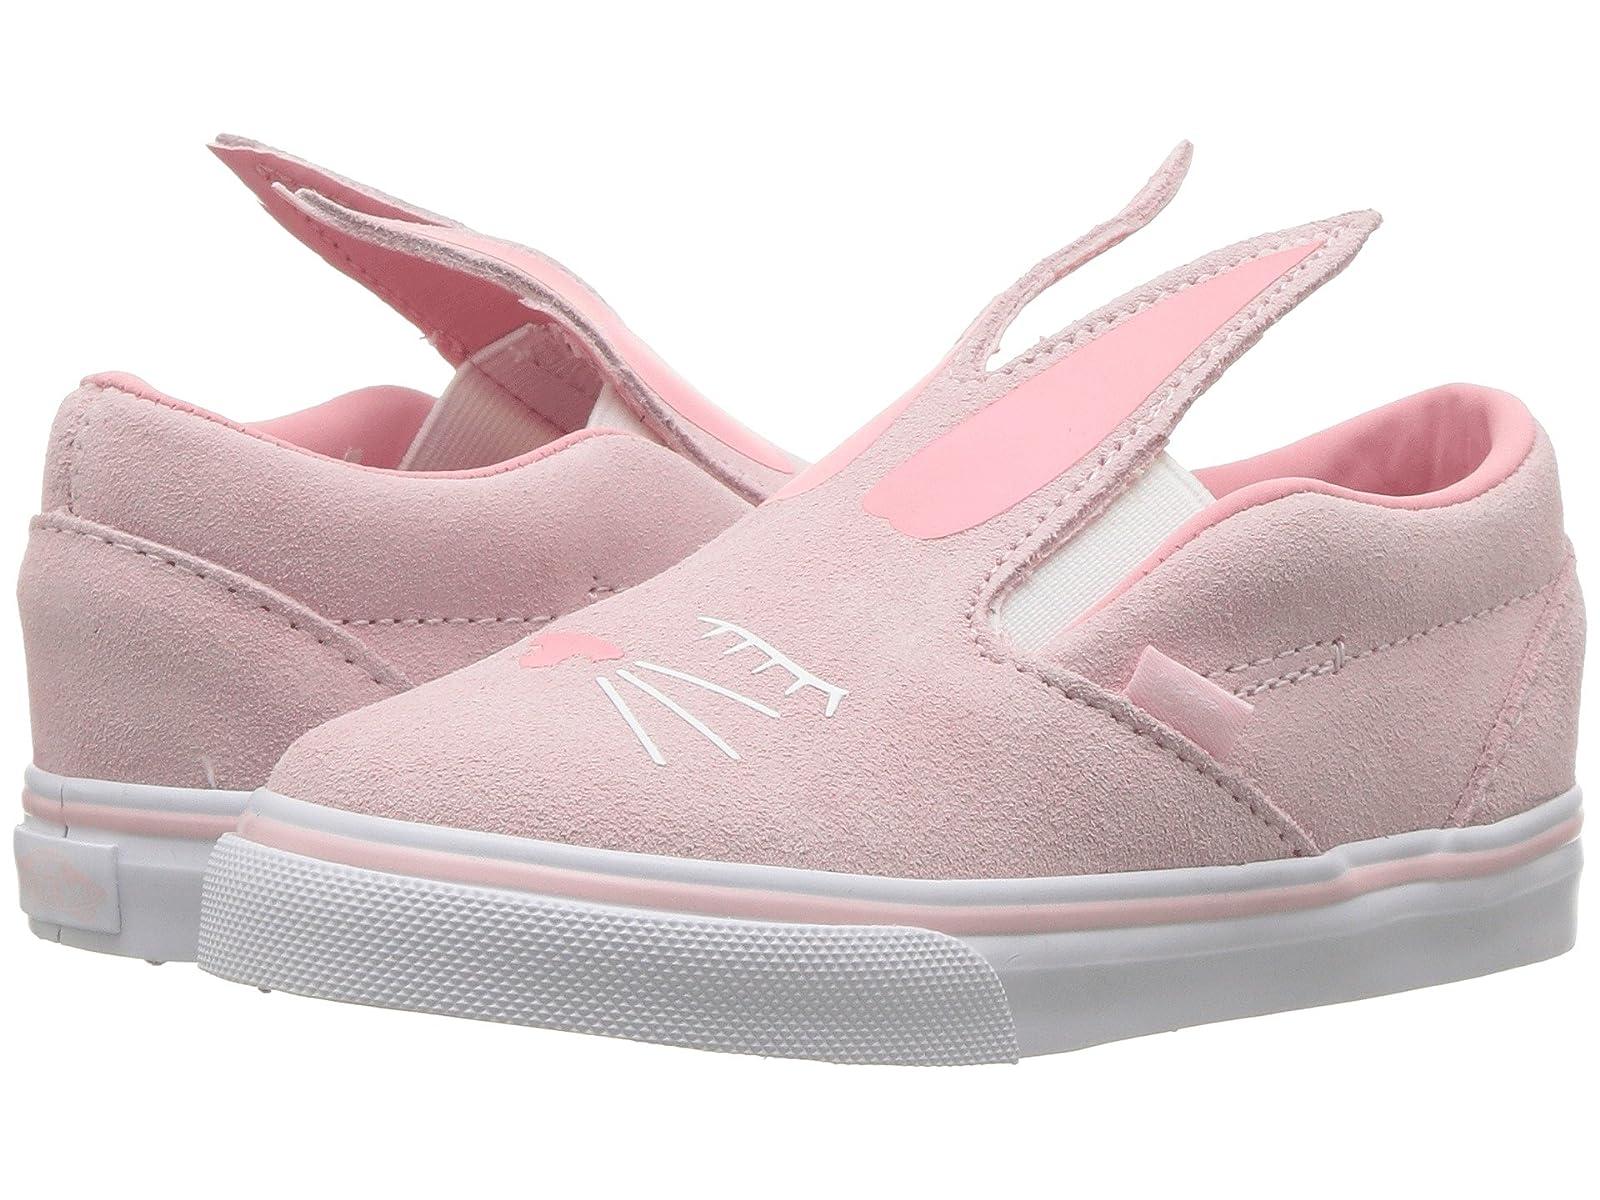 Vans Kids Slip-On Bunny (Toddler)Atmospheric grades have affordable shoes